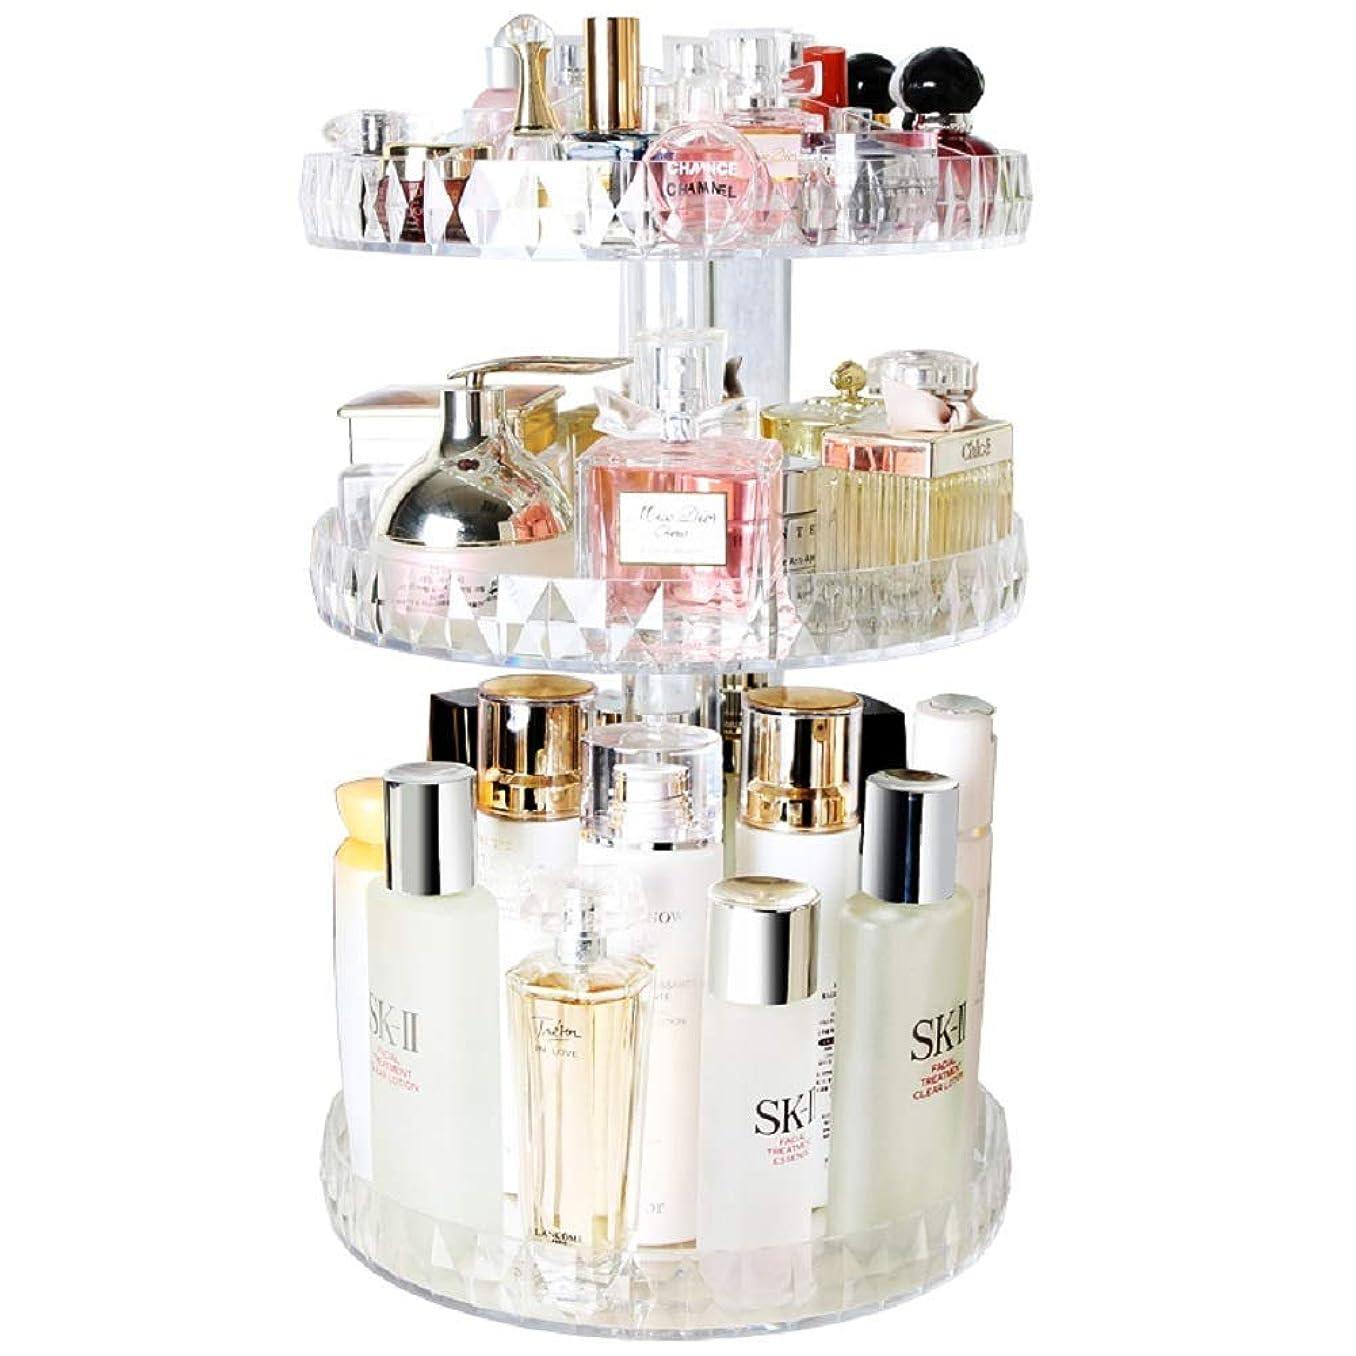 中級スケッチ主KitMall コスメ ボックス タワー型 大容量 回転式 360度 アクリル 透明 メイク道具 化粧品 収納 口紅 化粧水 ファンデーション (透明)